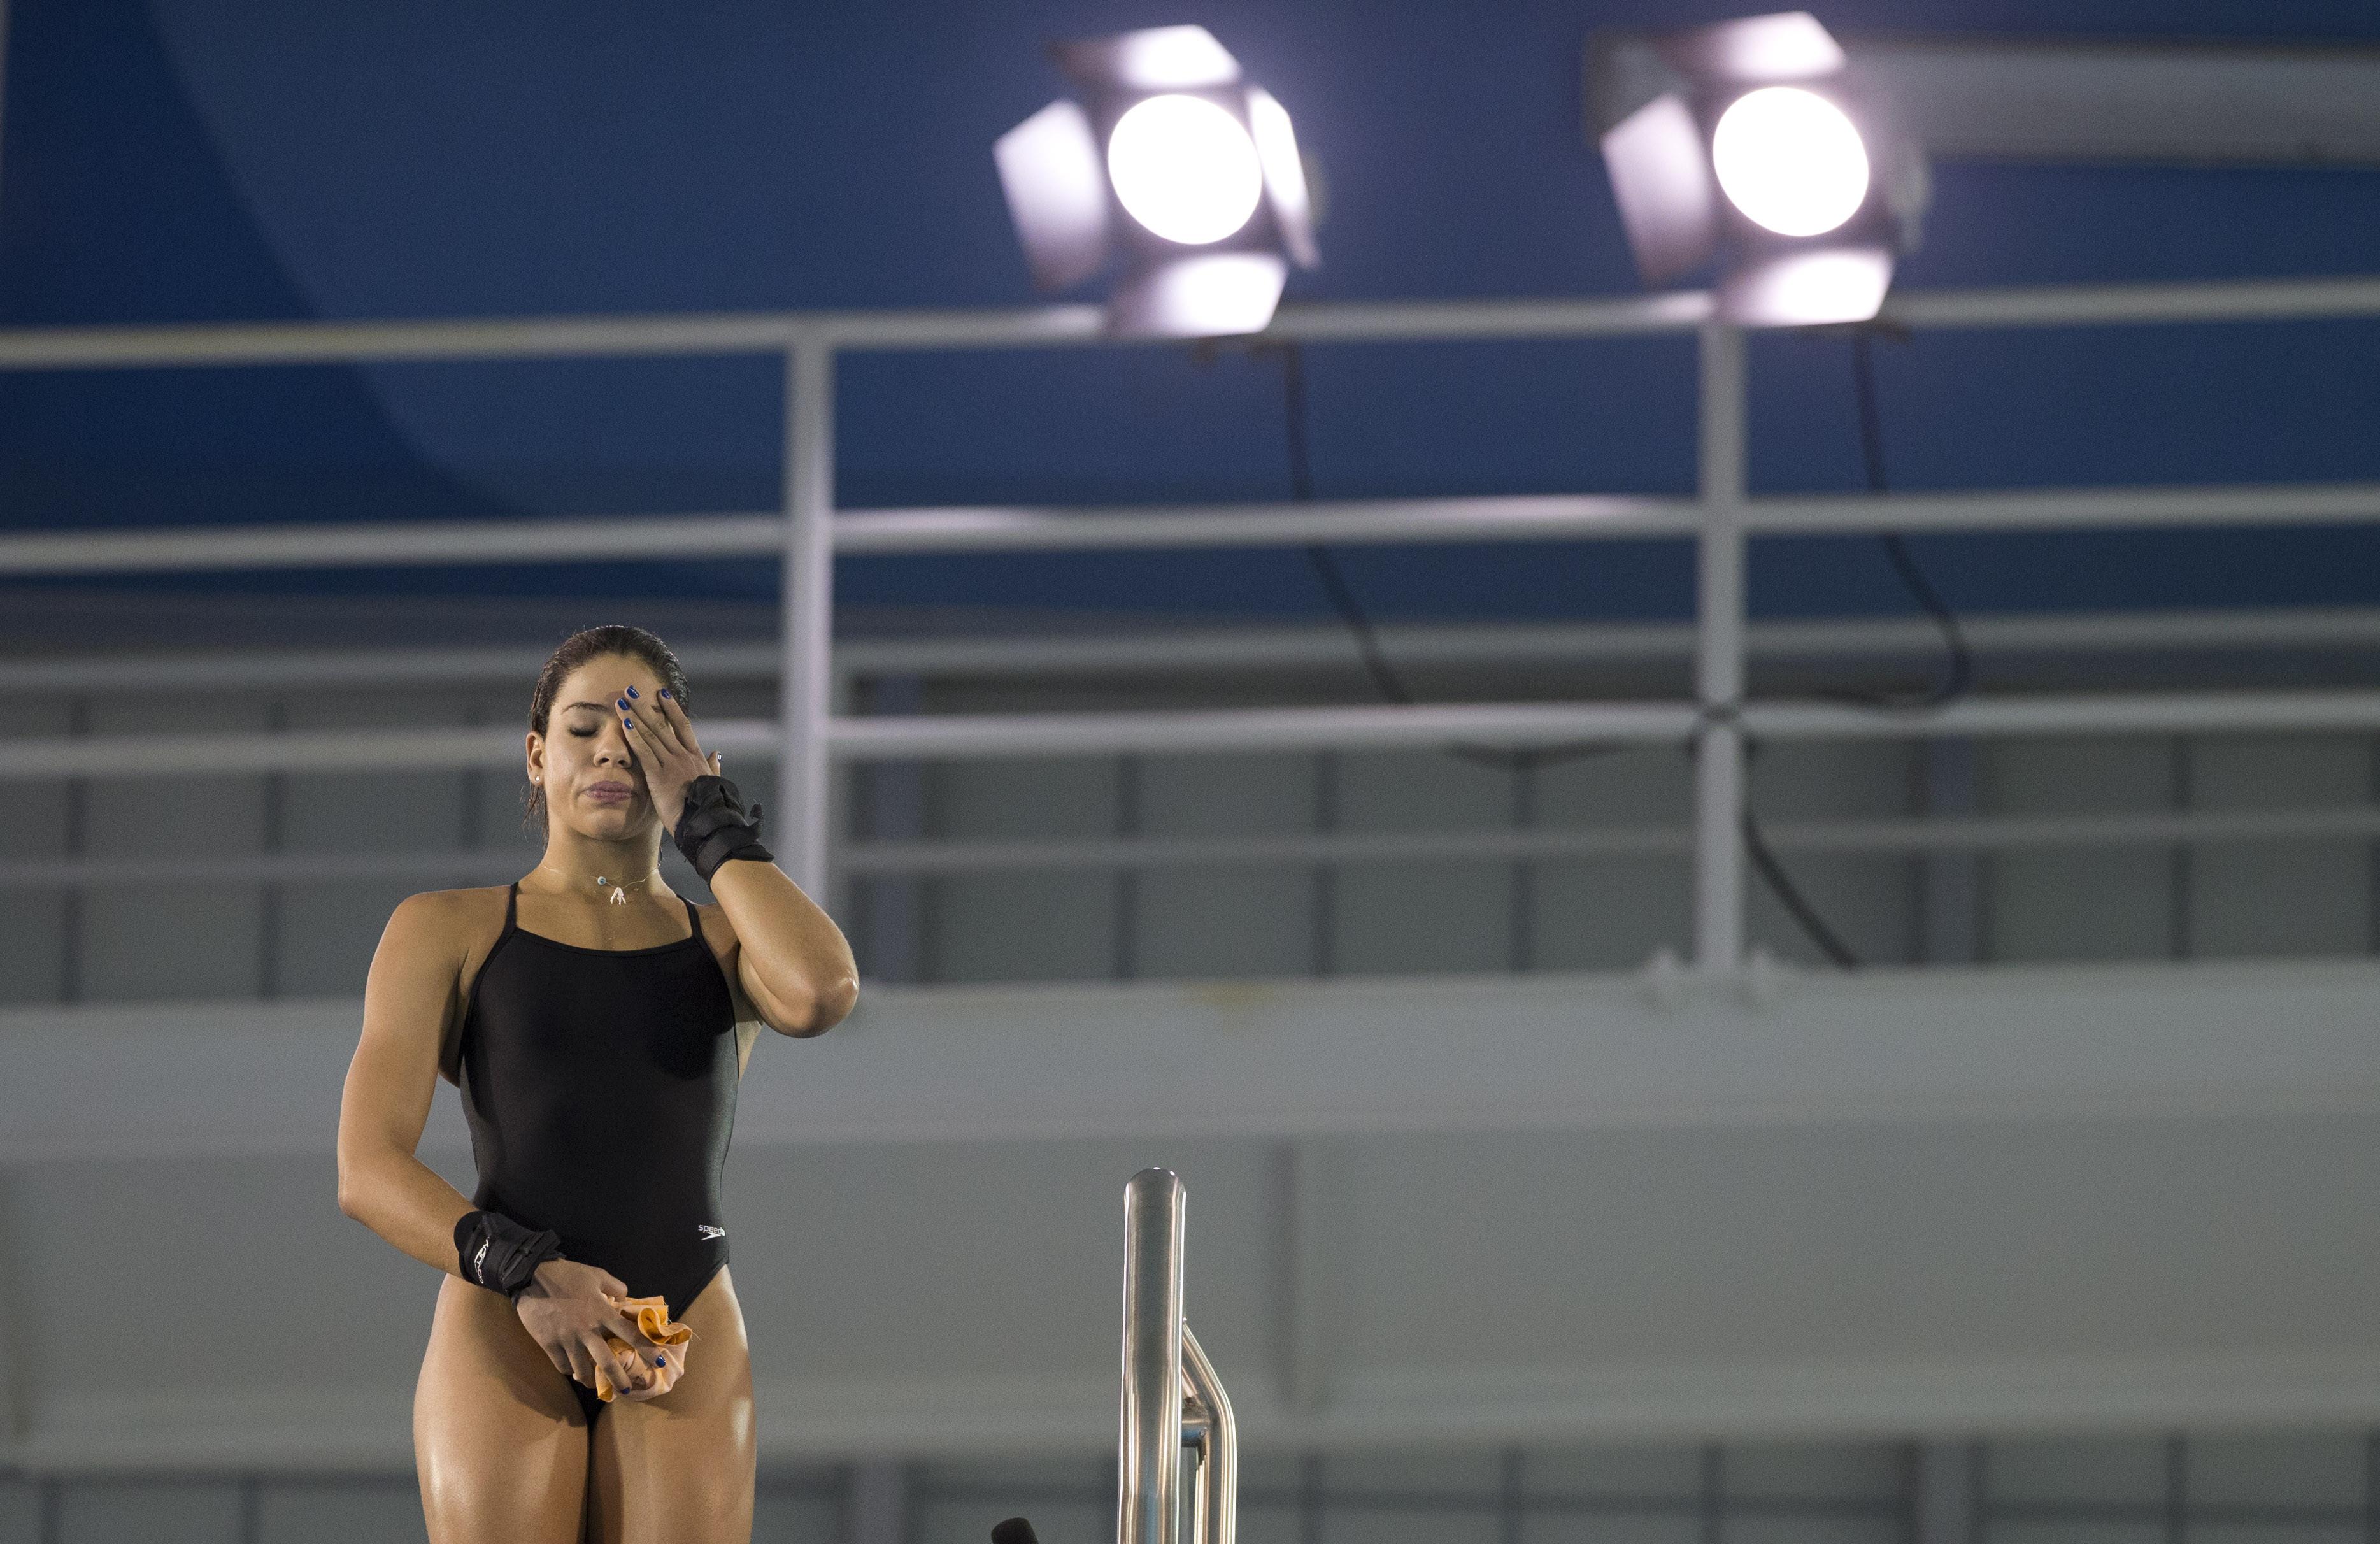 ▲▼巴西奧運跳水選手奧莉薇拉(Ingrid de Oliveira)。(圖/達志影像/美聯社)